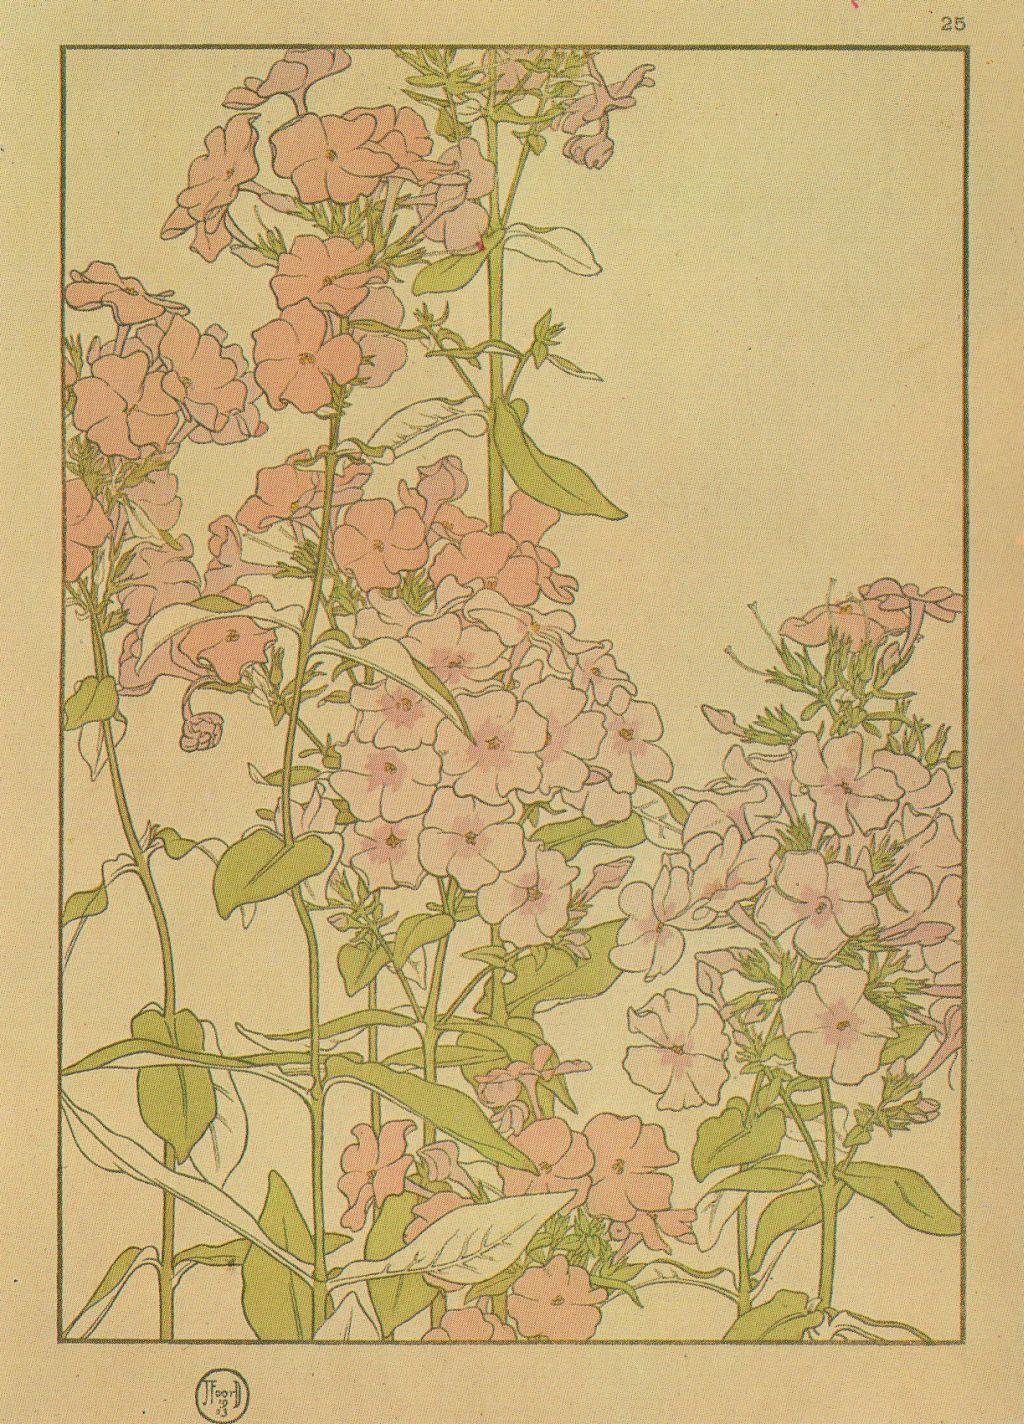 Phlox by Jeannie Foord ▫ Decorative Flower Studies Series / Pochoir Prints ▫ 1903